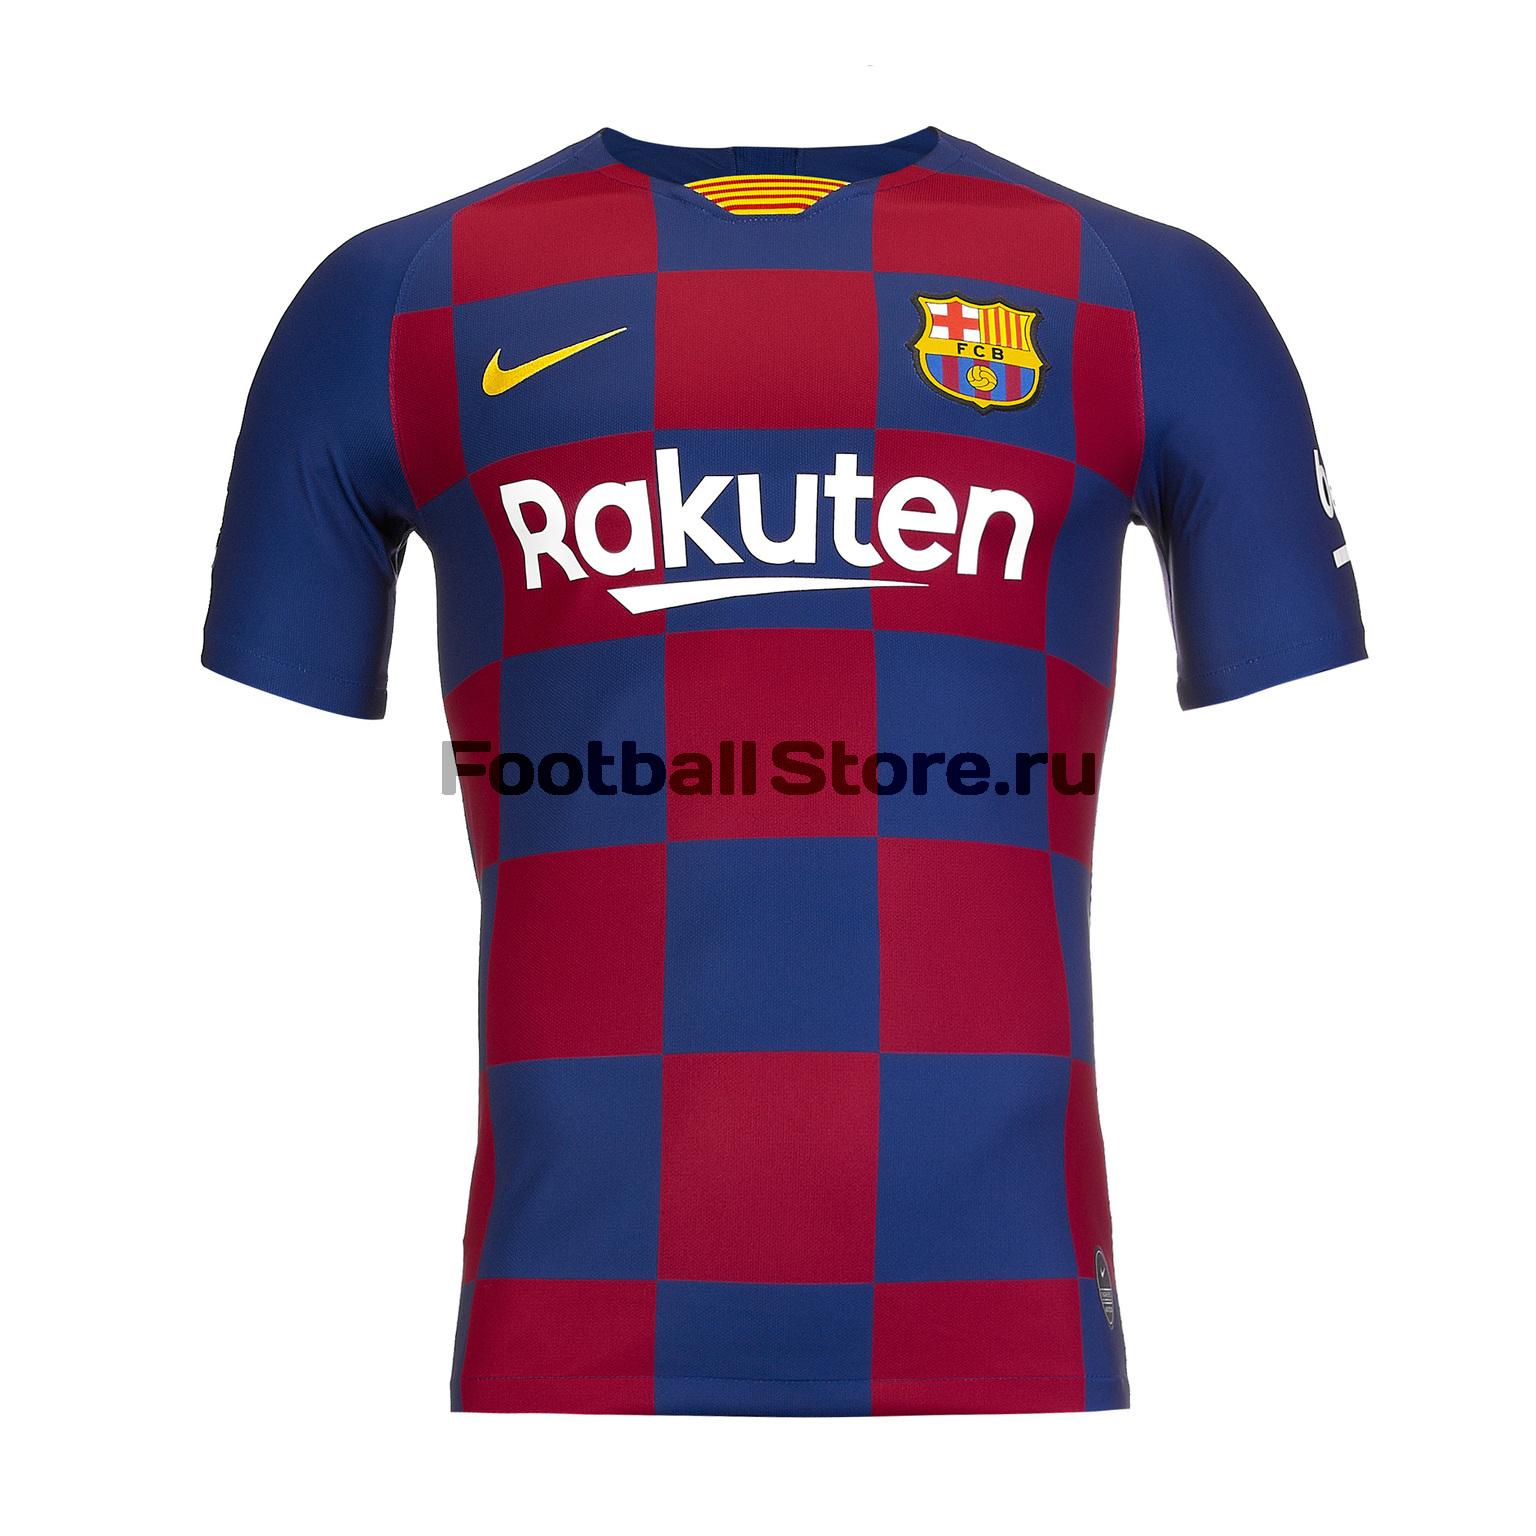 Футболка игровая домашняя Nike Barcelona 2019/20 футболка игровая домашняя nike barcelona 2018 19